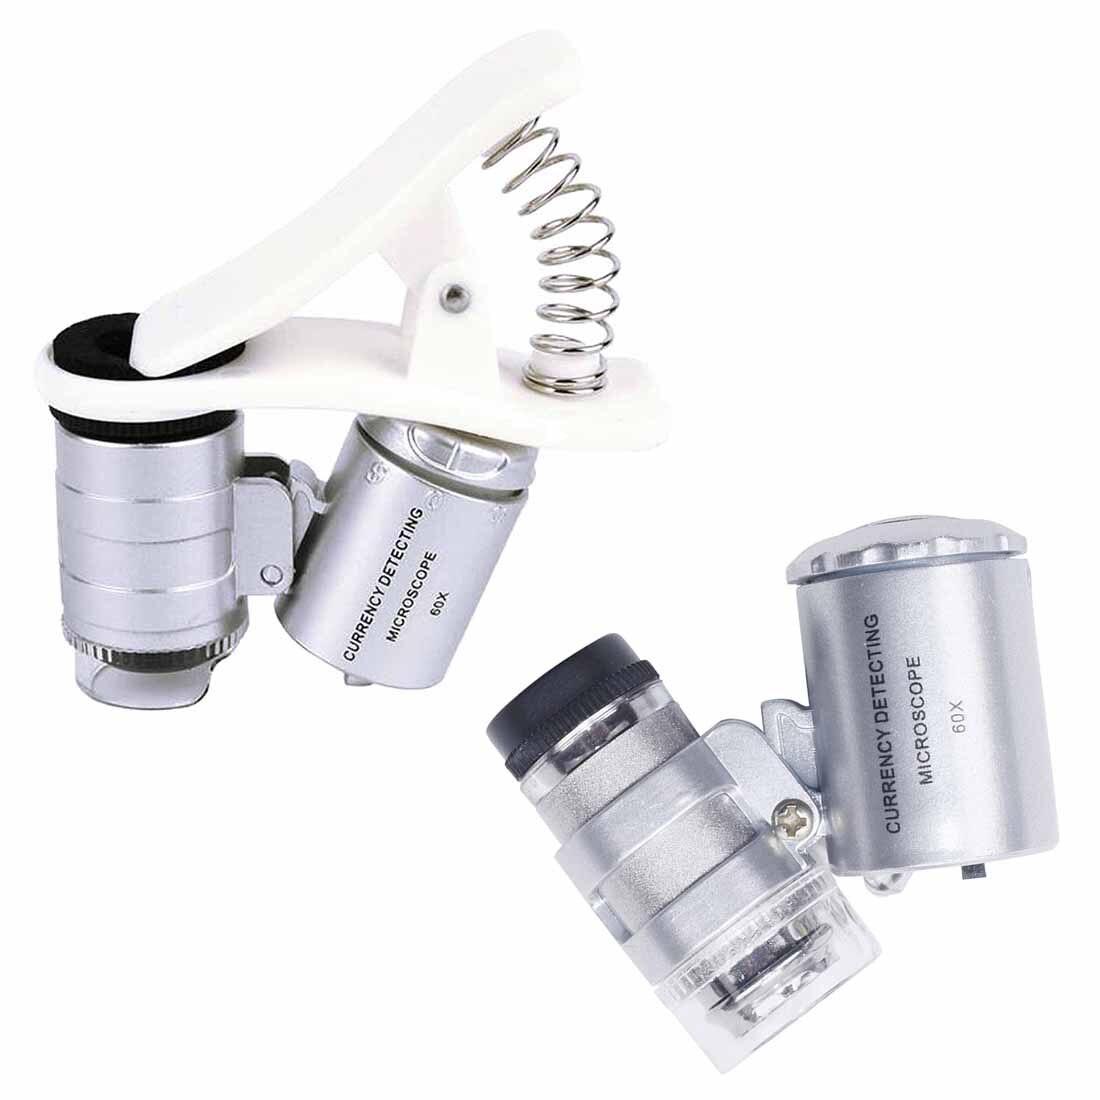 Werkzeuge Optische Instrumente 60x Lupe Universal Handy Mini Tragbare Clip Led Mikroskop Lupe Lupe Uv Währung Detektor Taschenlampe Blut NäHren Und Geist Einstellen